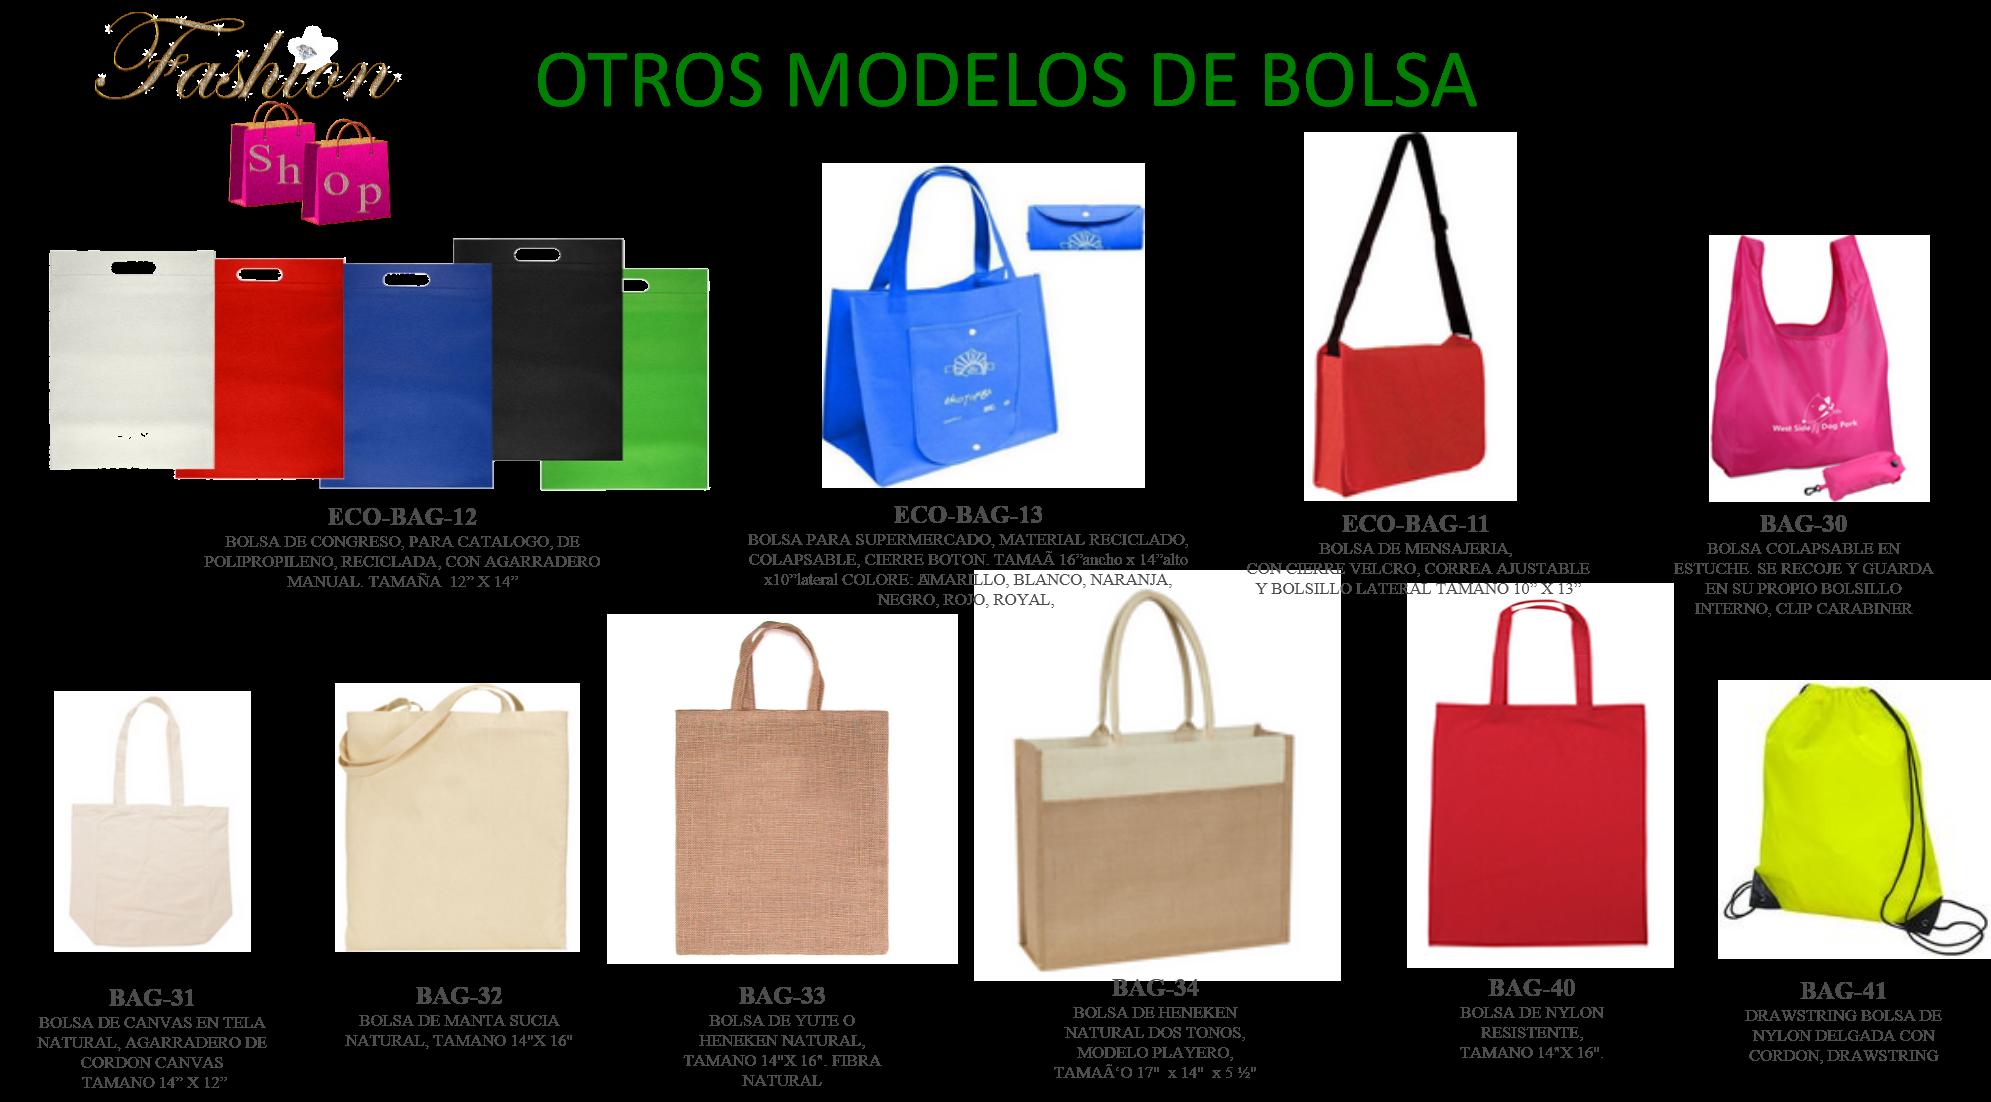 4603ca32e MODELOS DE BOLSAS ECOLOGICAS #bolsas #ecologicas #modelos #modelosdebolsos